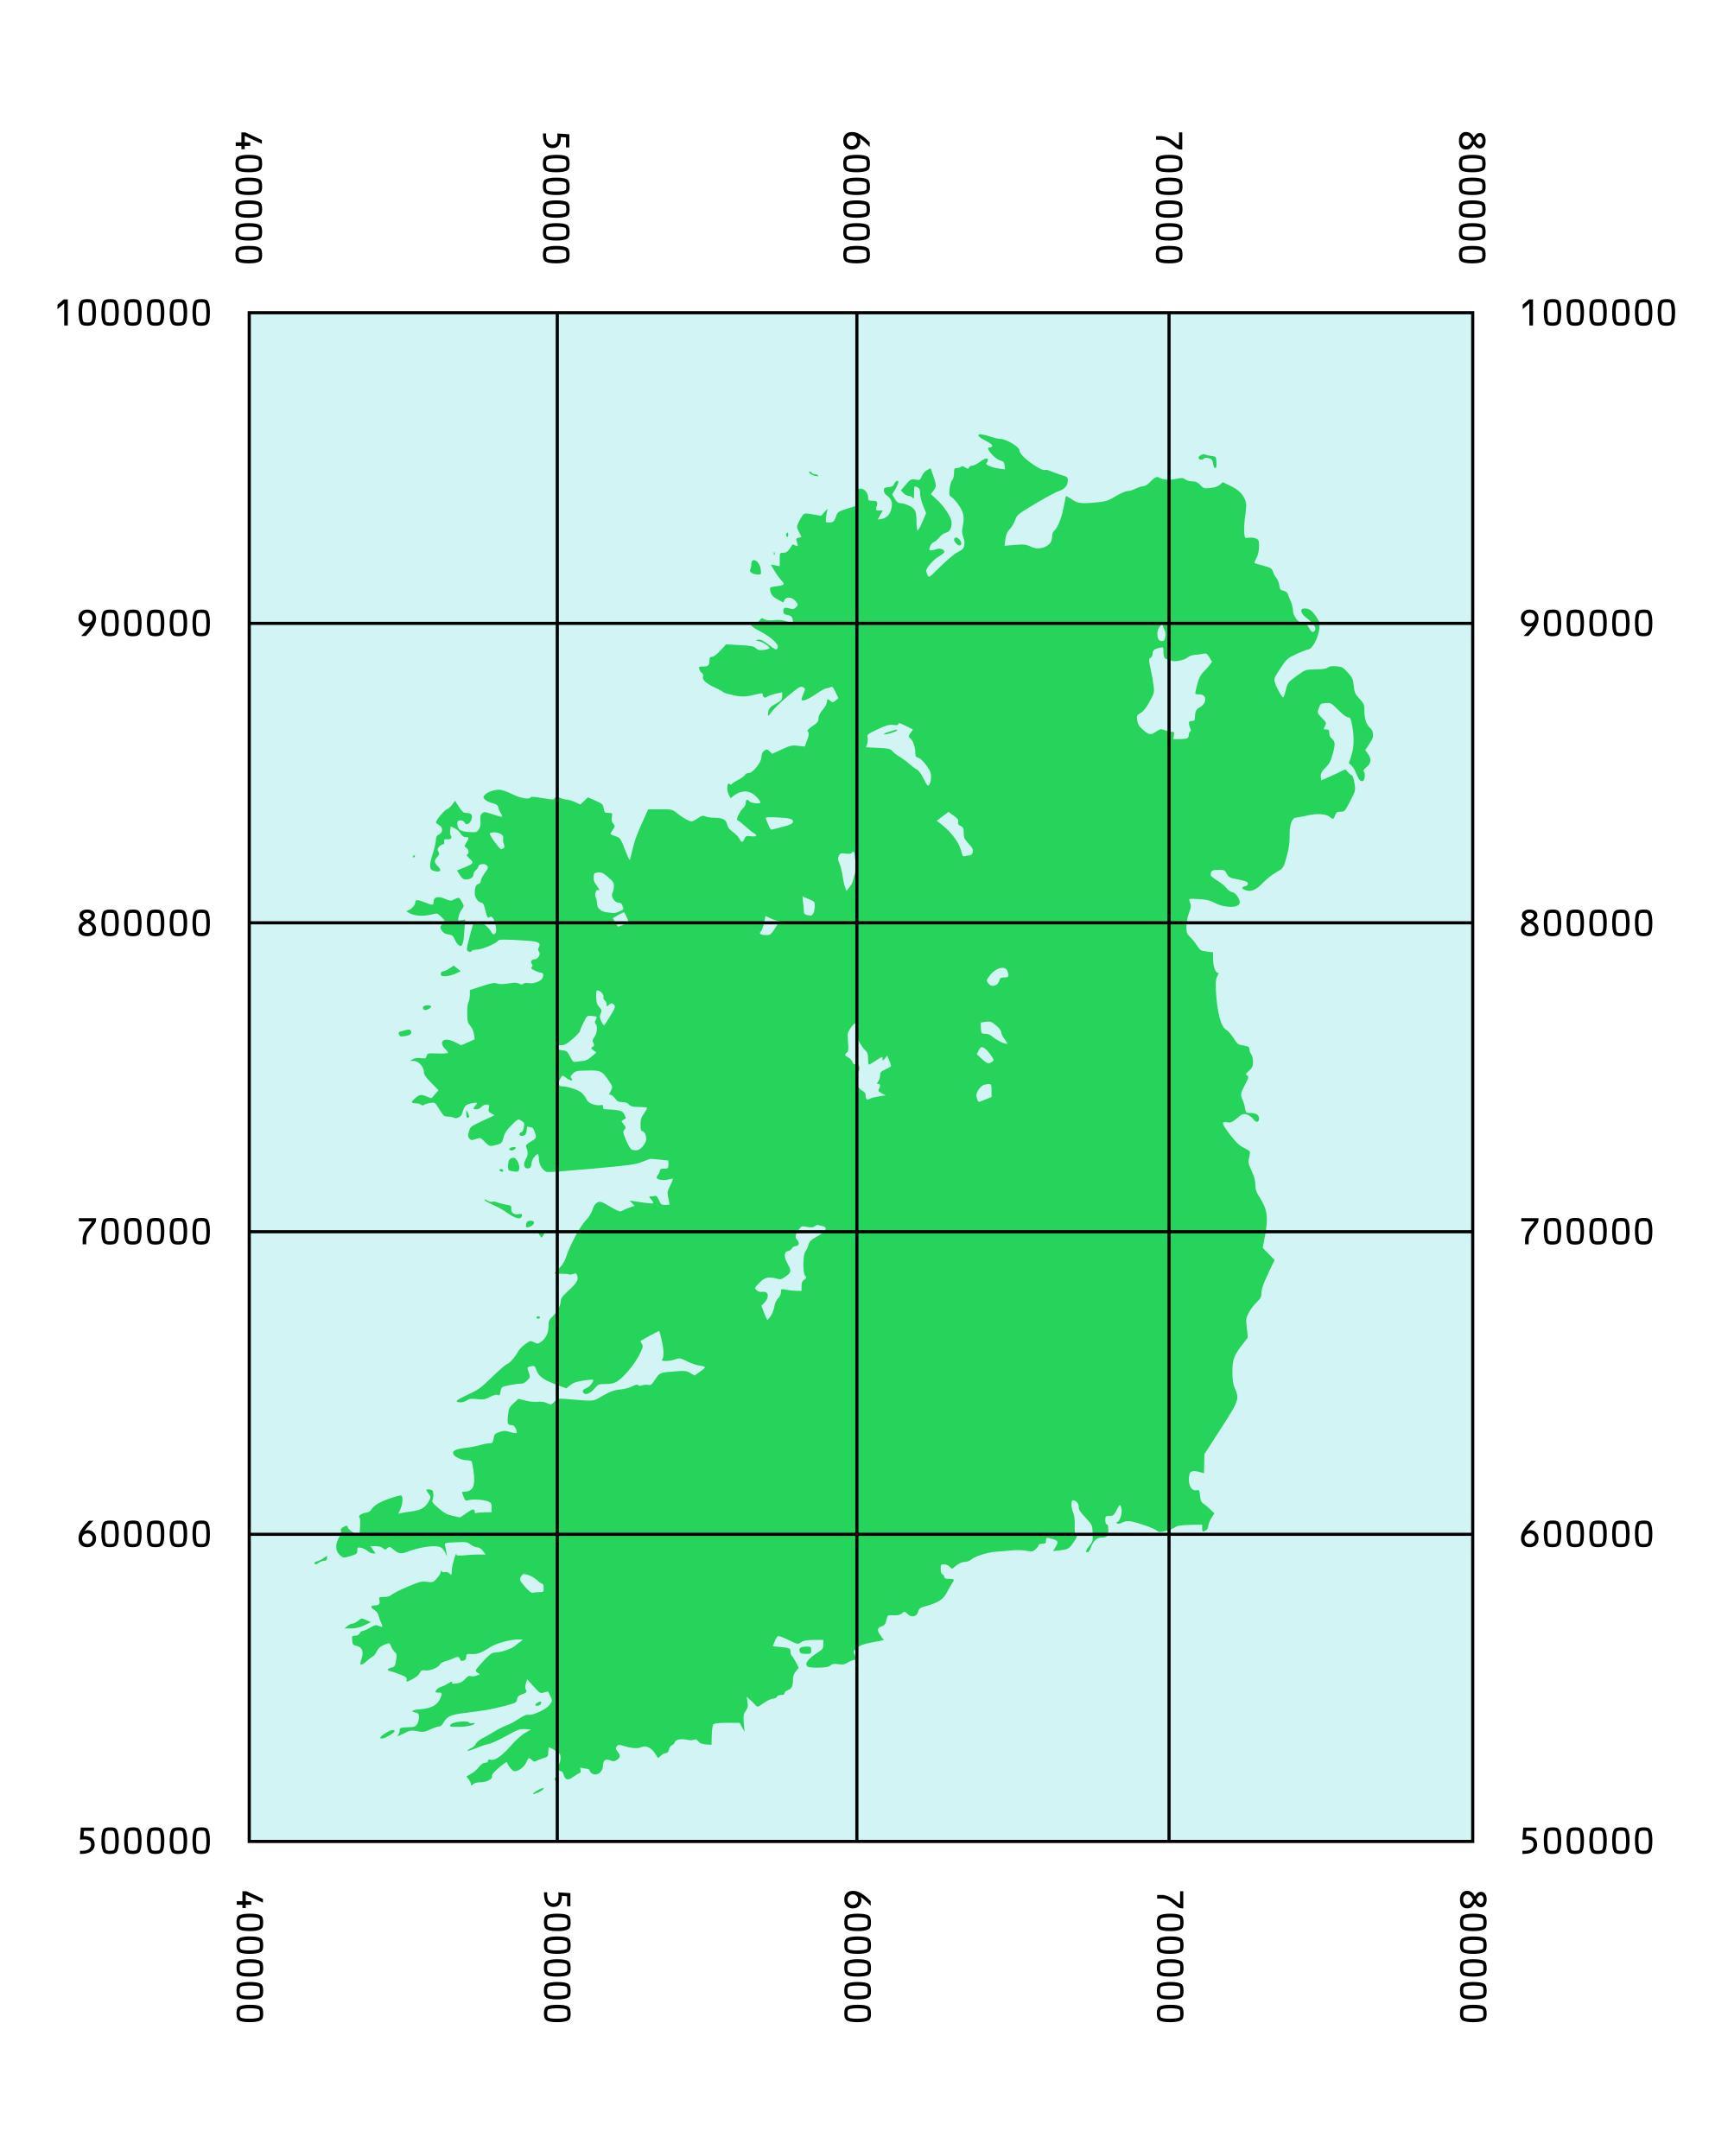 Kartta Koordinaatit Irlanti Kartta Koordinaatit Irlanti Pohjois